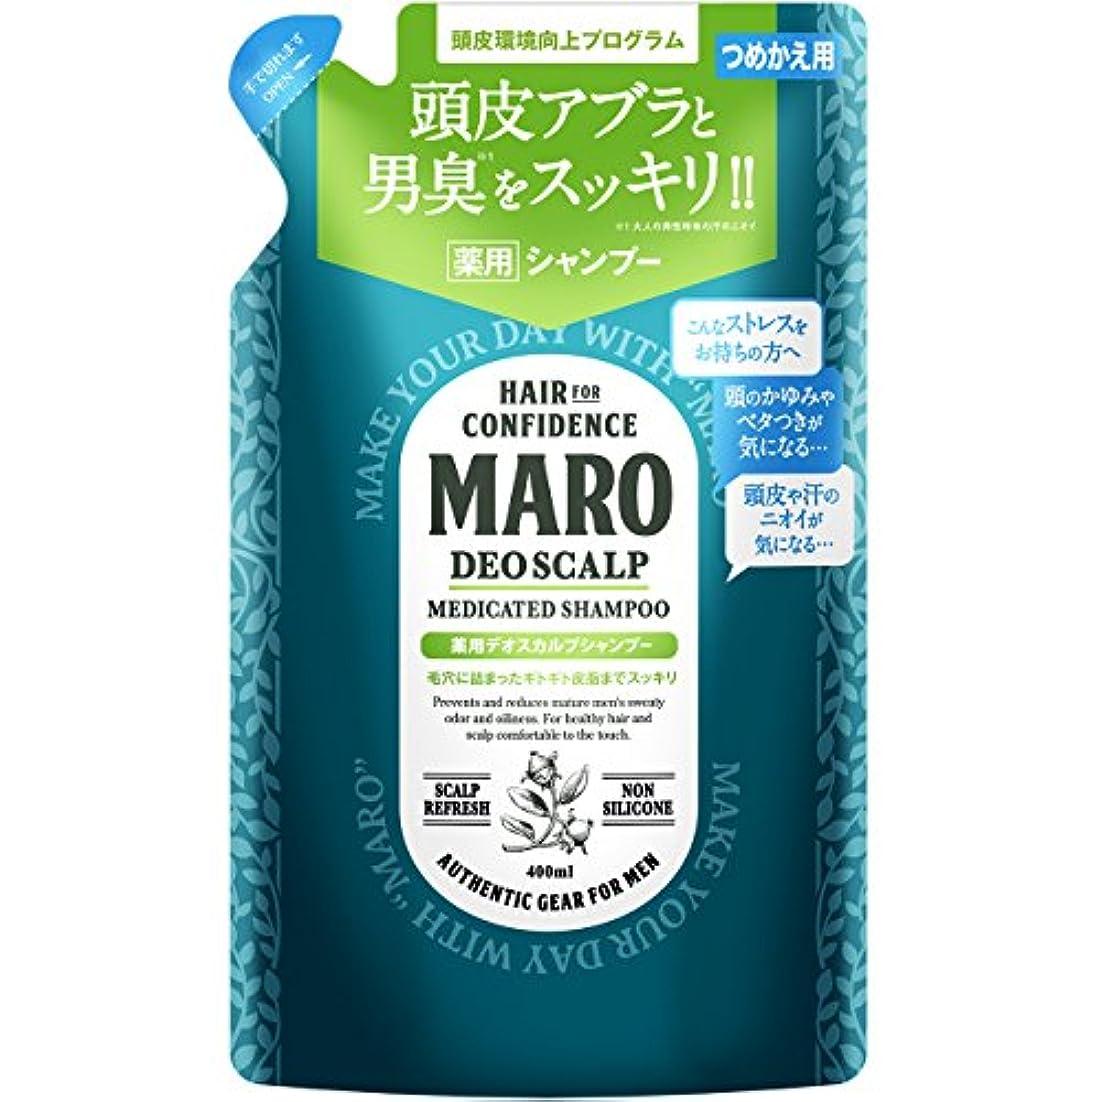 害虫マーカー揺れるMARO 薬用 デオスカルプ シャンプー 詰め替え 400ml 【医薬部外品】